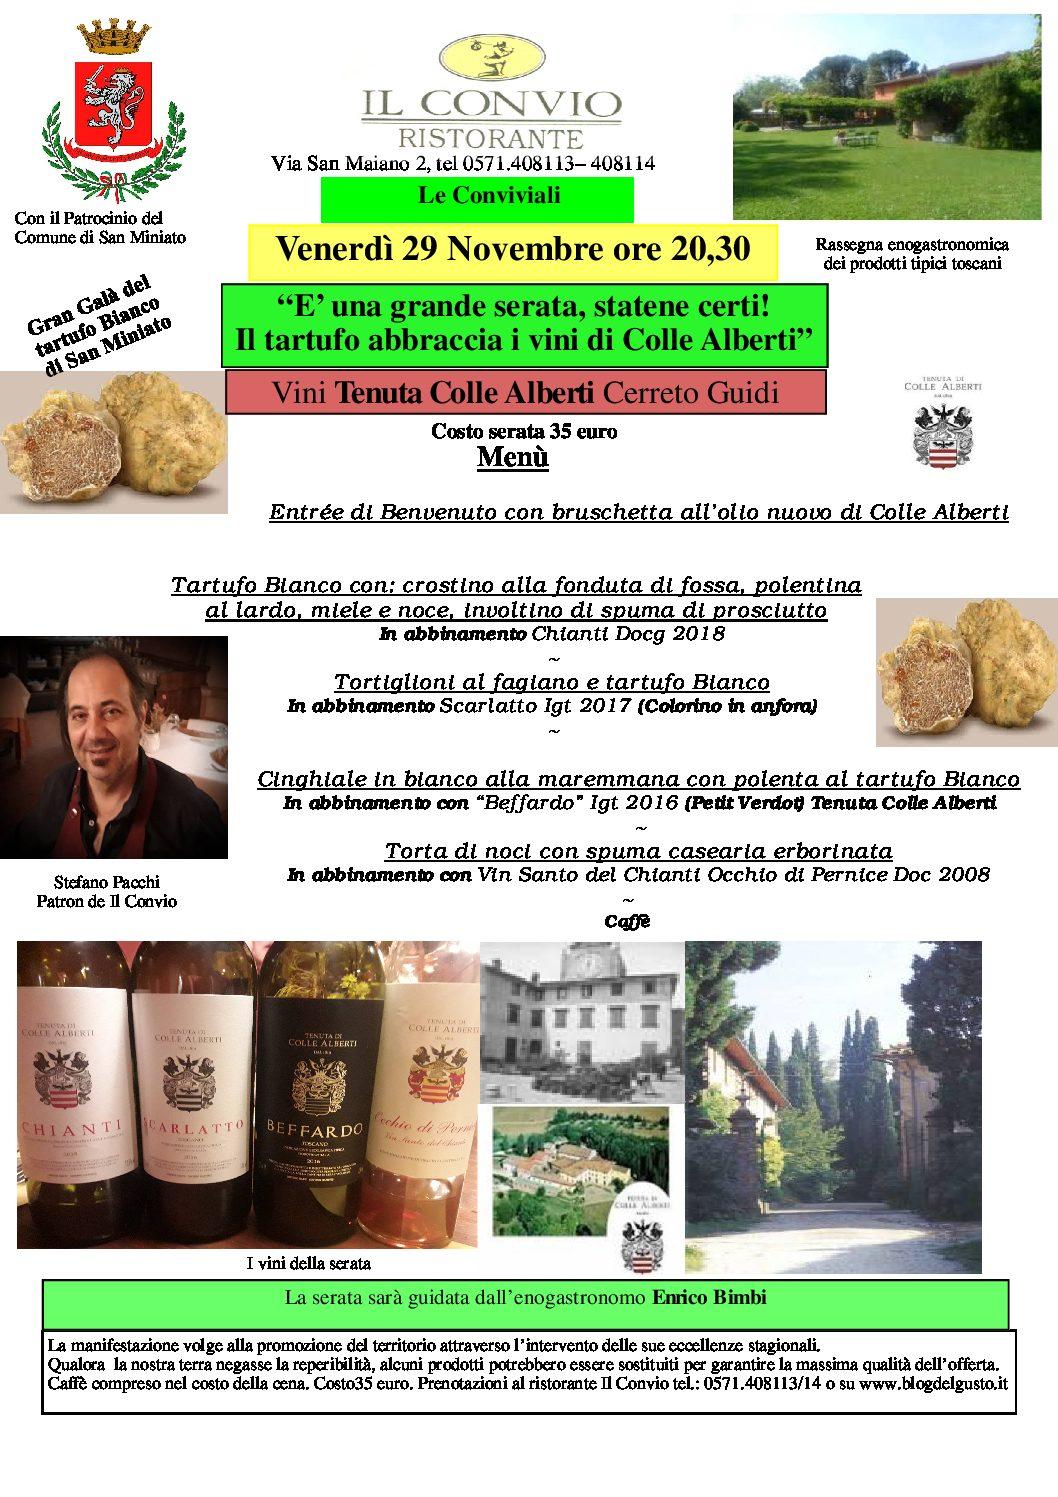 Galà del Tartufo con i vini Colle Alberti al Convio